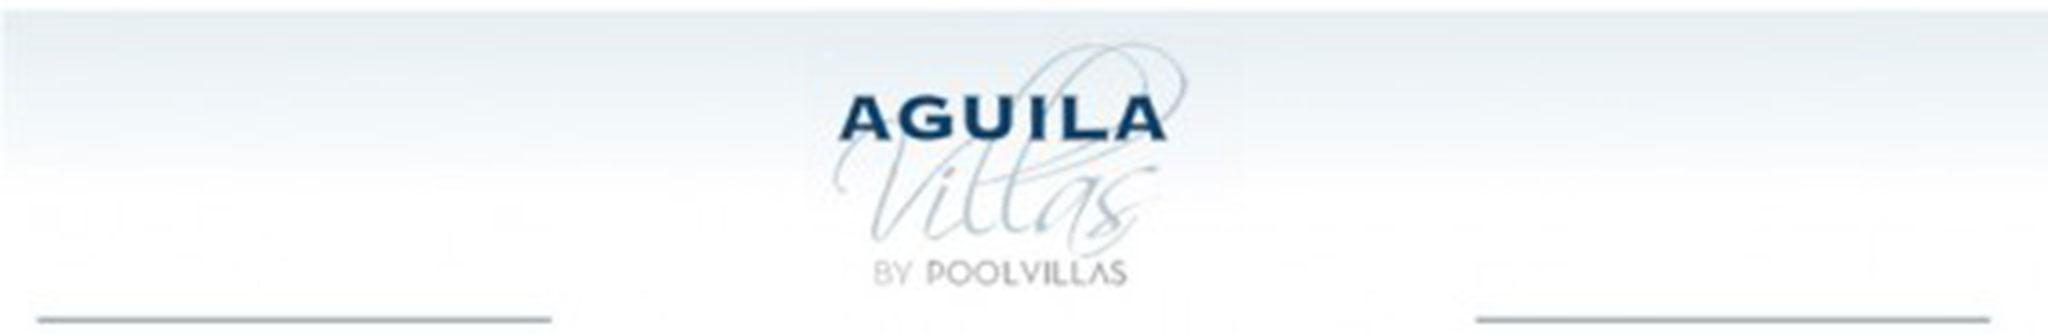 Logotip de Aguila Rent a Vila